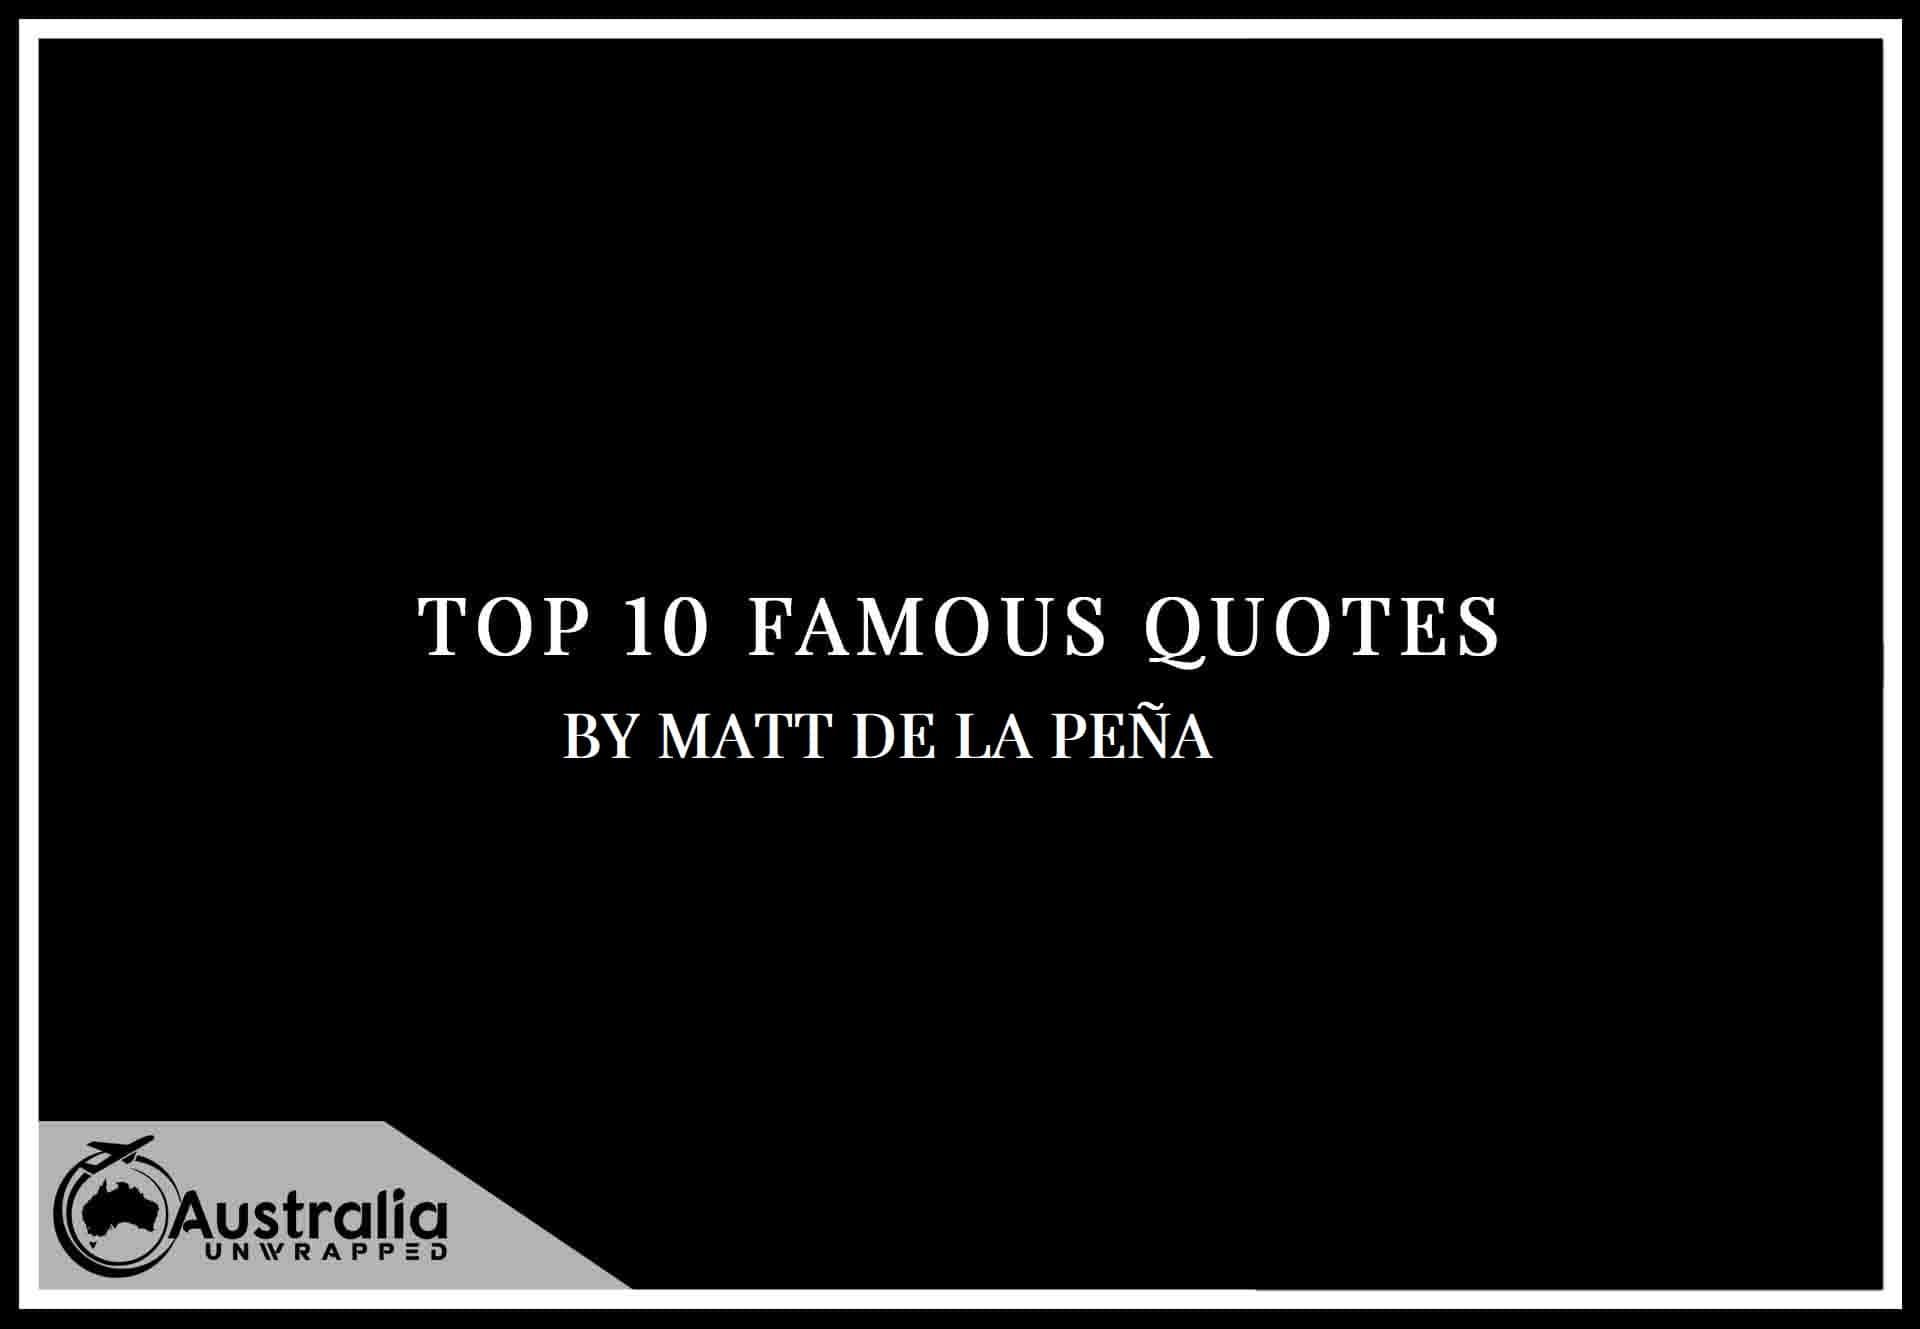 Top 10 Famous Quotes by Author Matt de la Pena